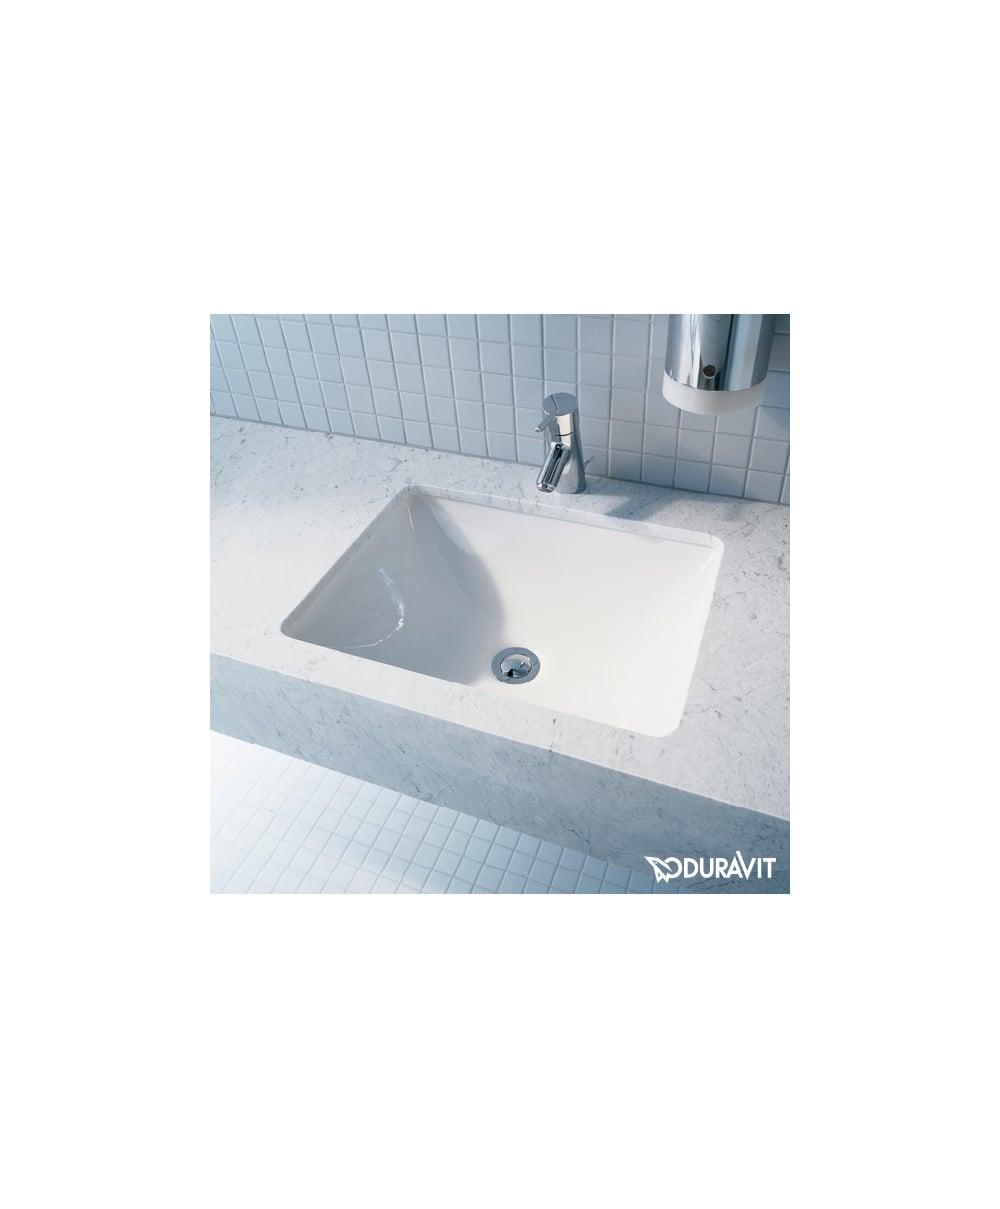 meuble salle de bain duravit inspiration pour la conception de la salle de bain. Black Bedroom Furniture Sets. Home Design Ideas